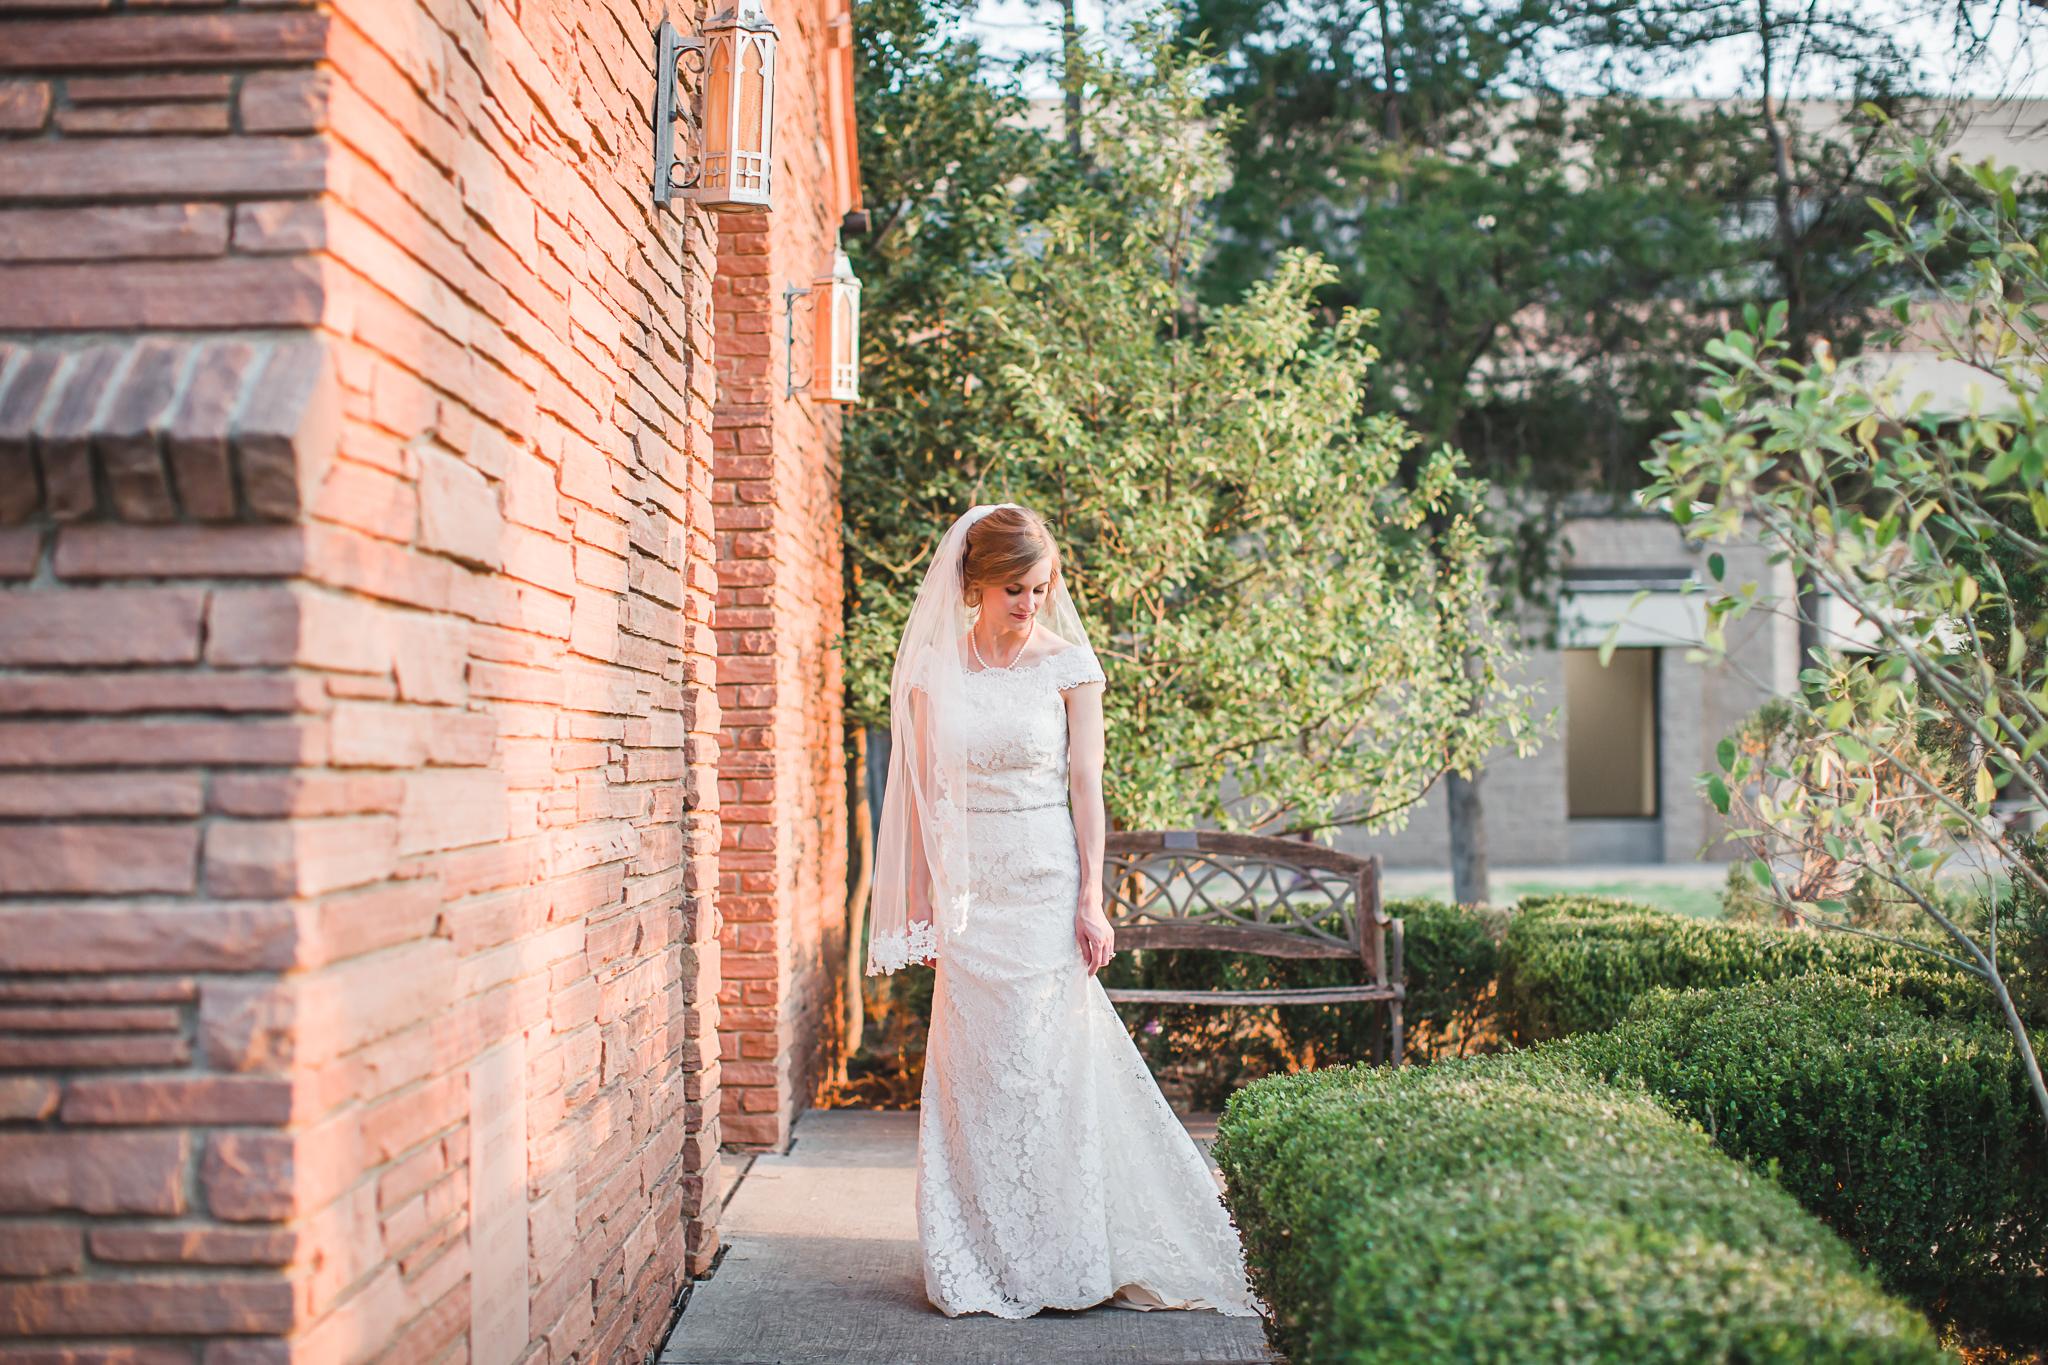 alyssa bridal blog-19.jpg